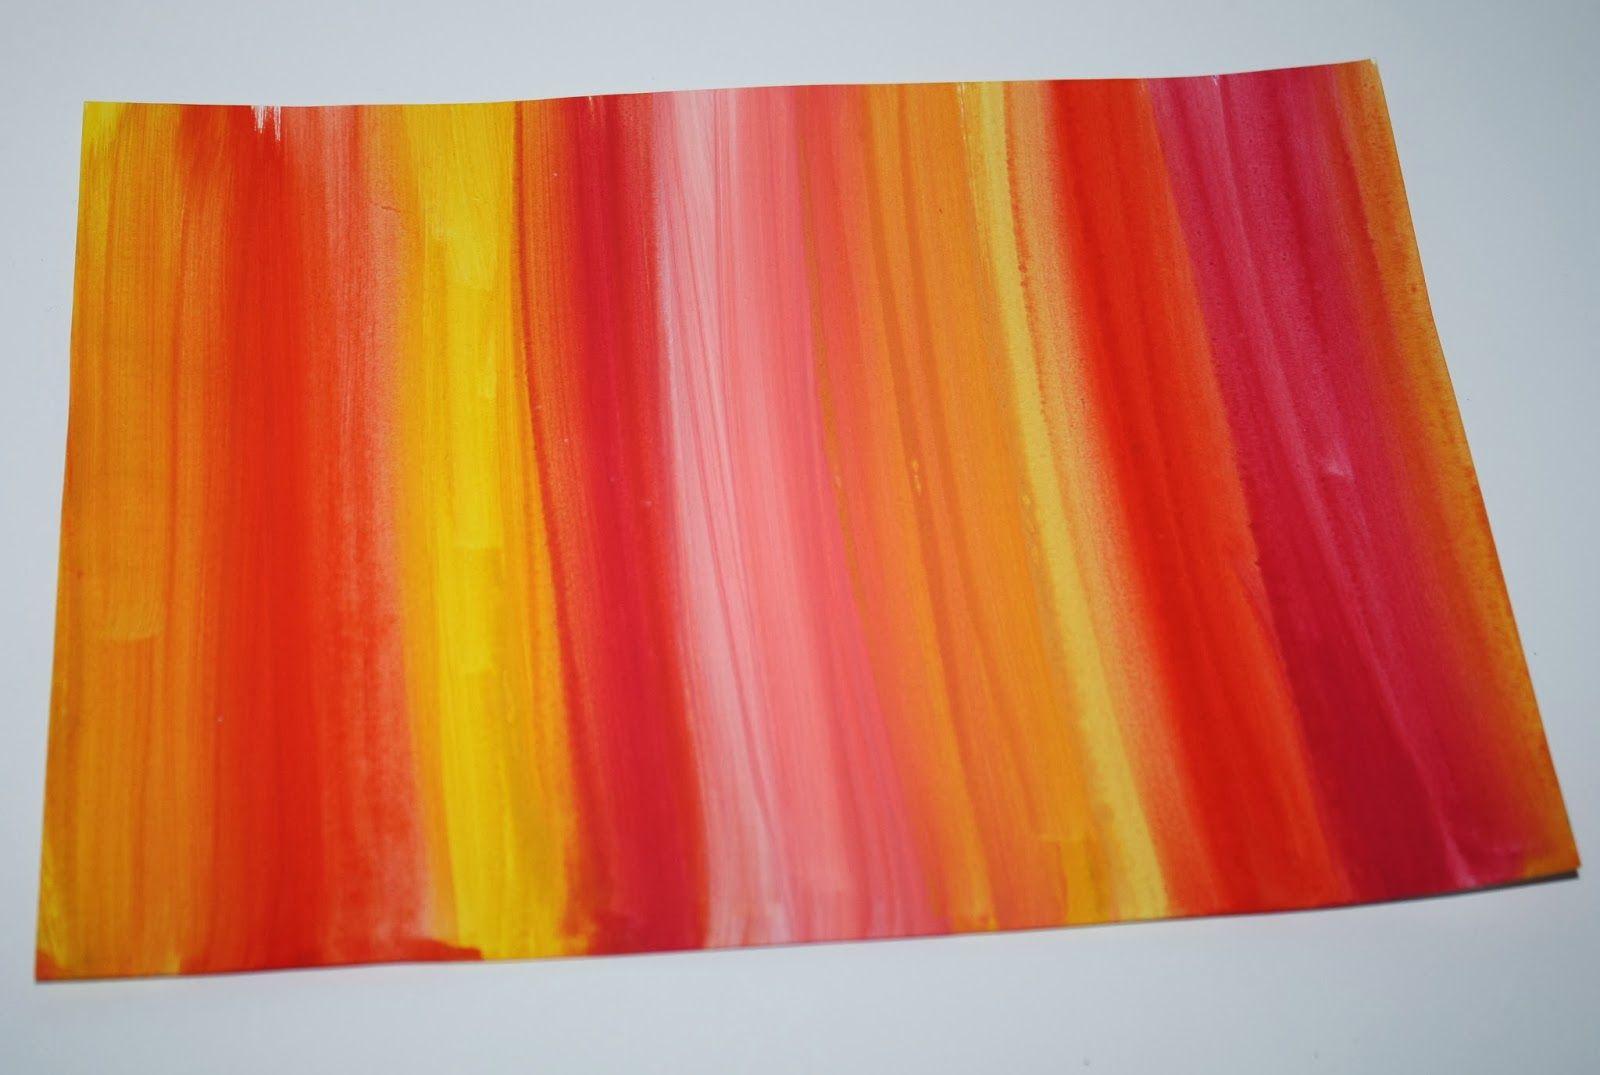 klassenkunst schneemannbild mit warmen kalten farben farbkreis itten kunstunterricht. Black Bedroom Furniture Sets. Home Design Ideas